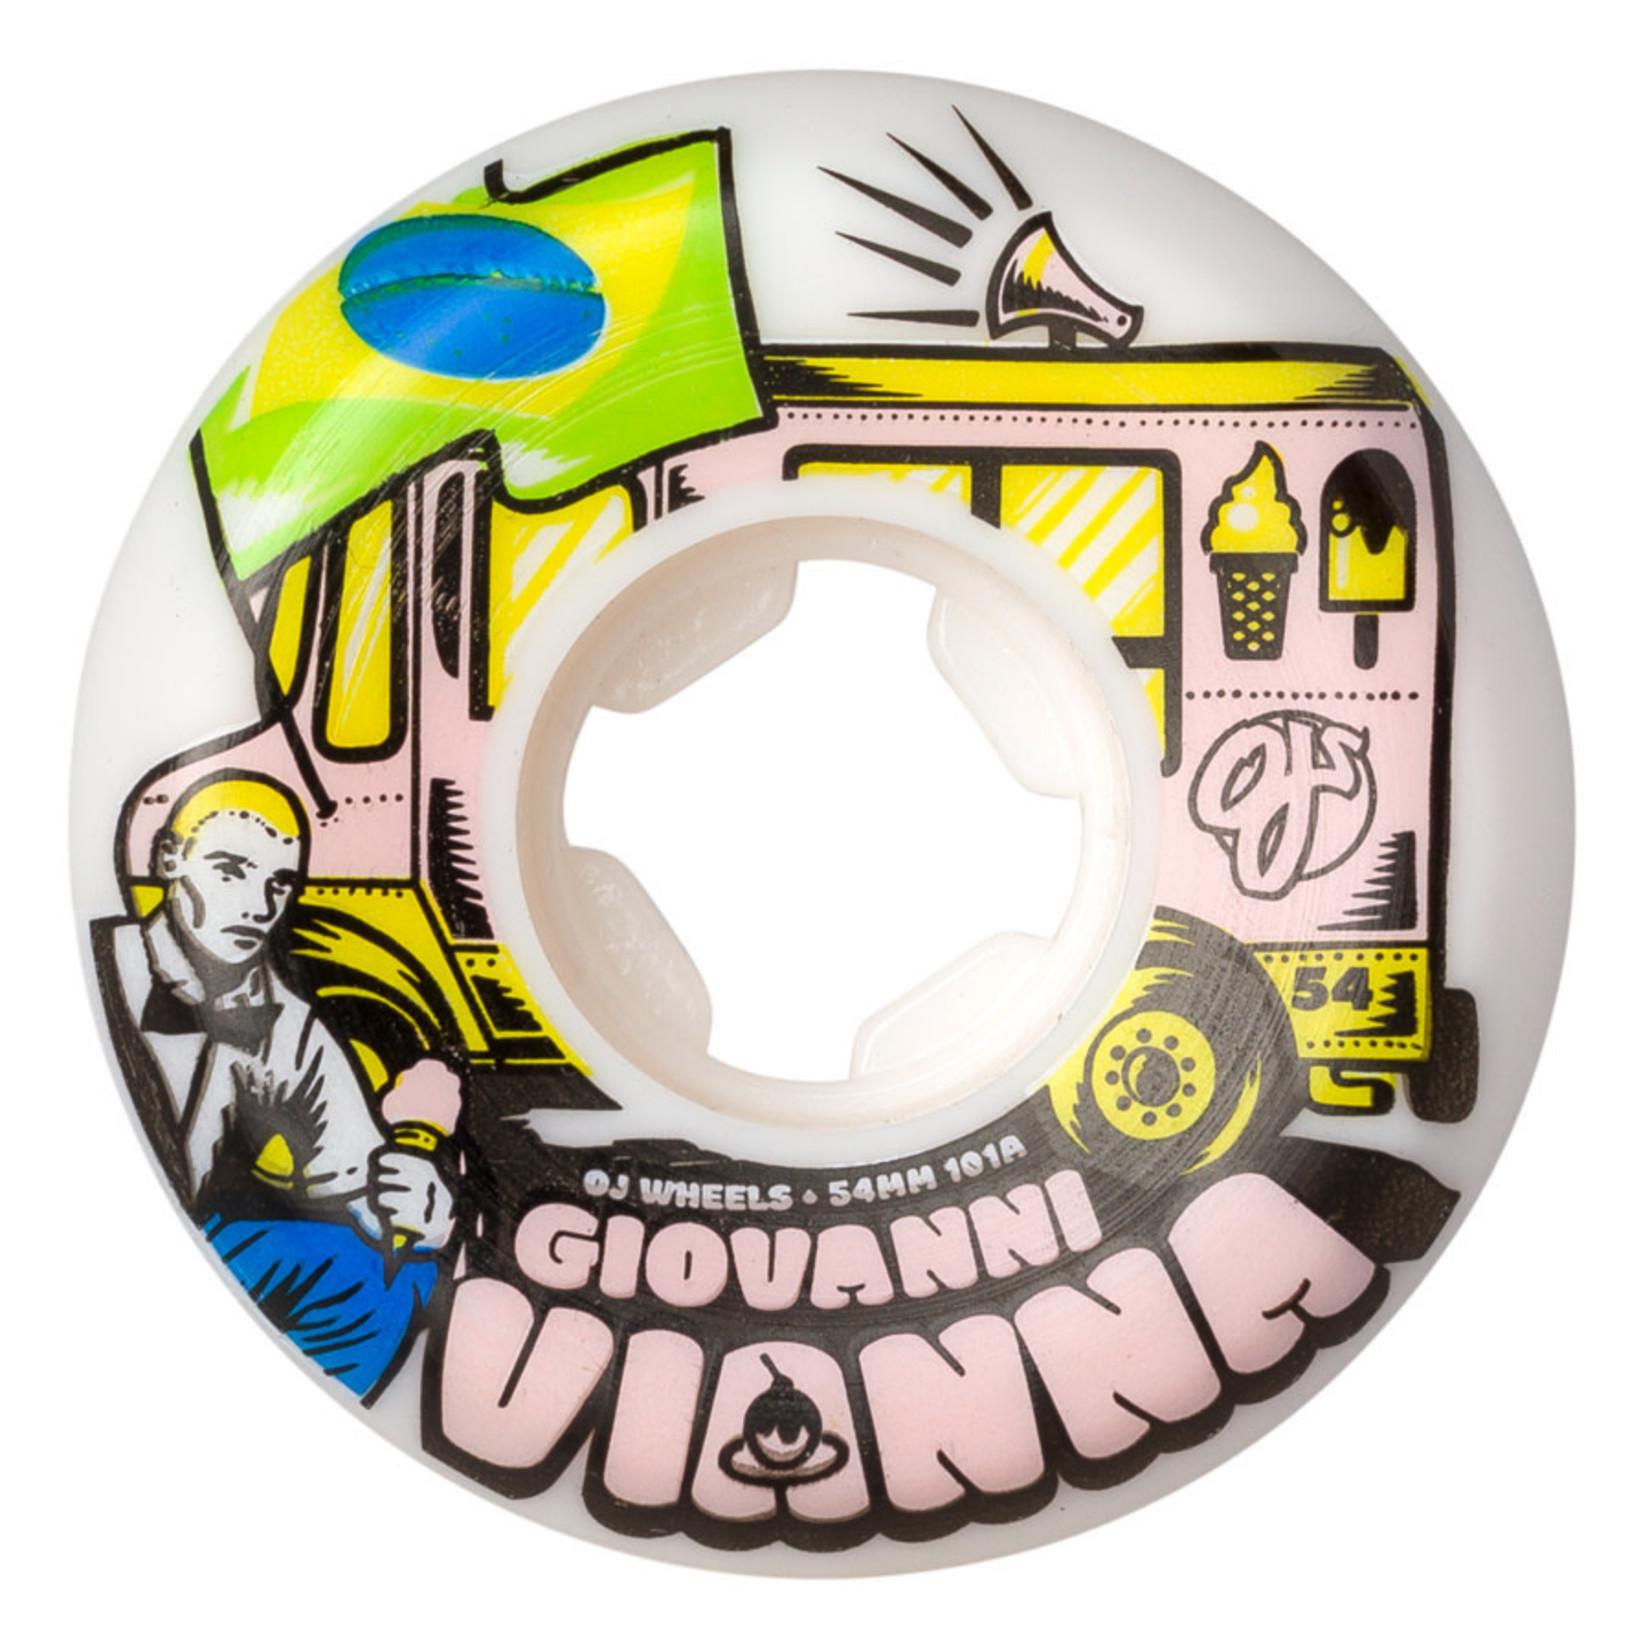 OJ OJ Vianna Elite Hardline Wheels